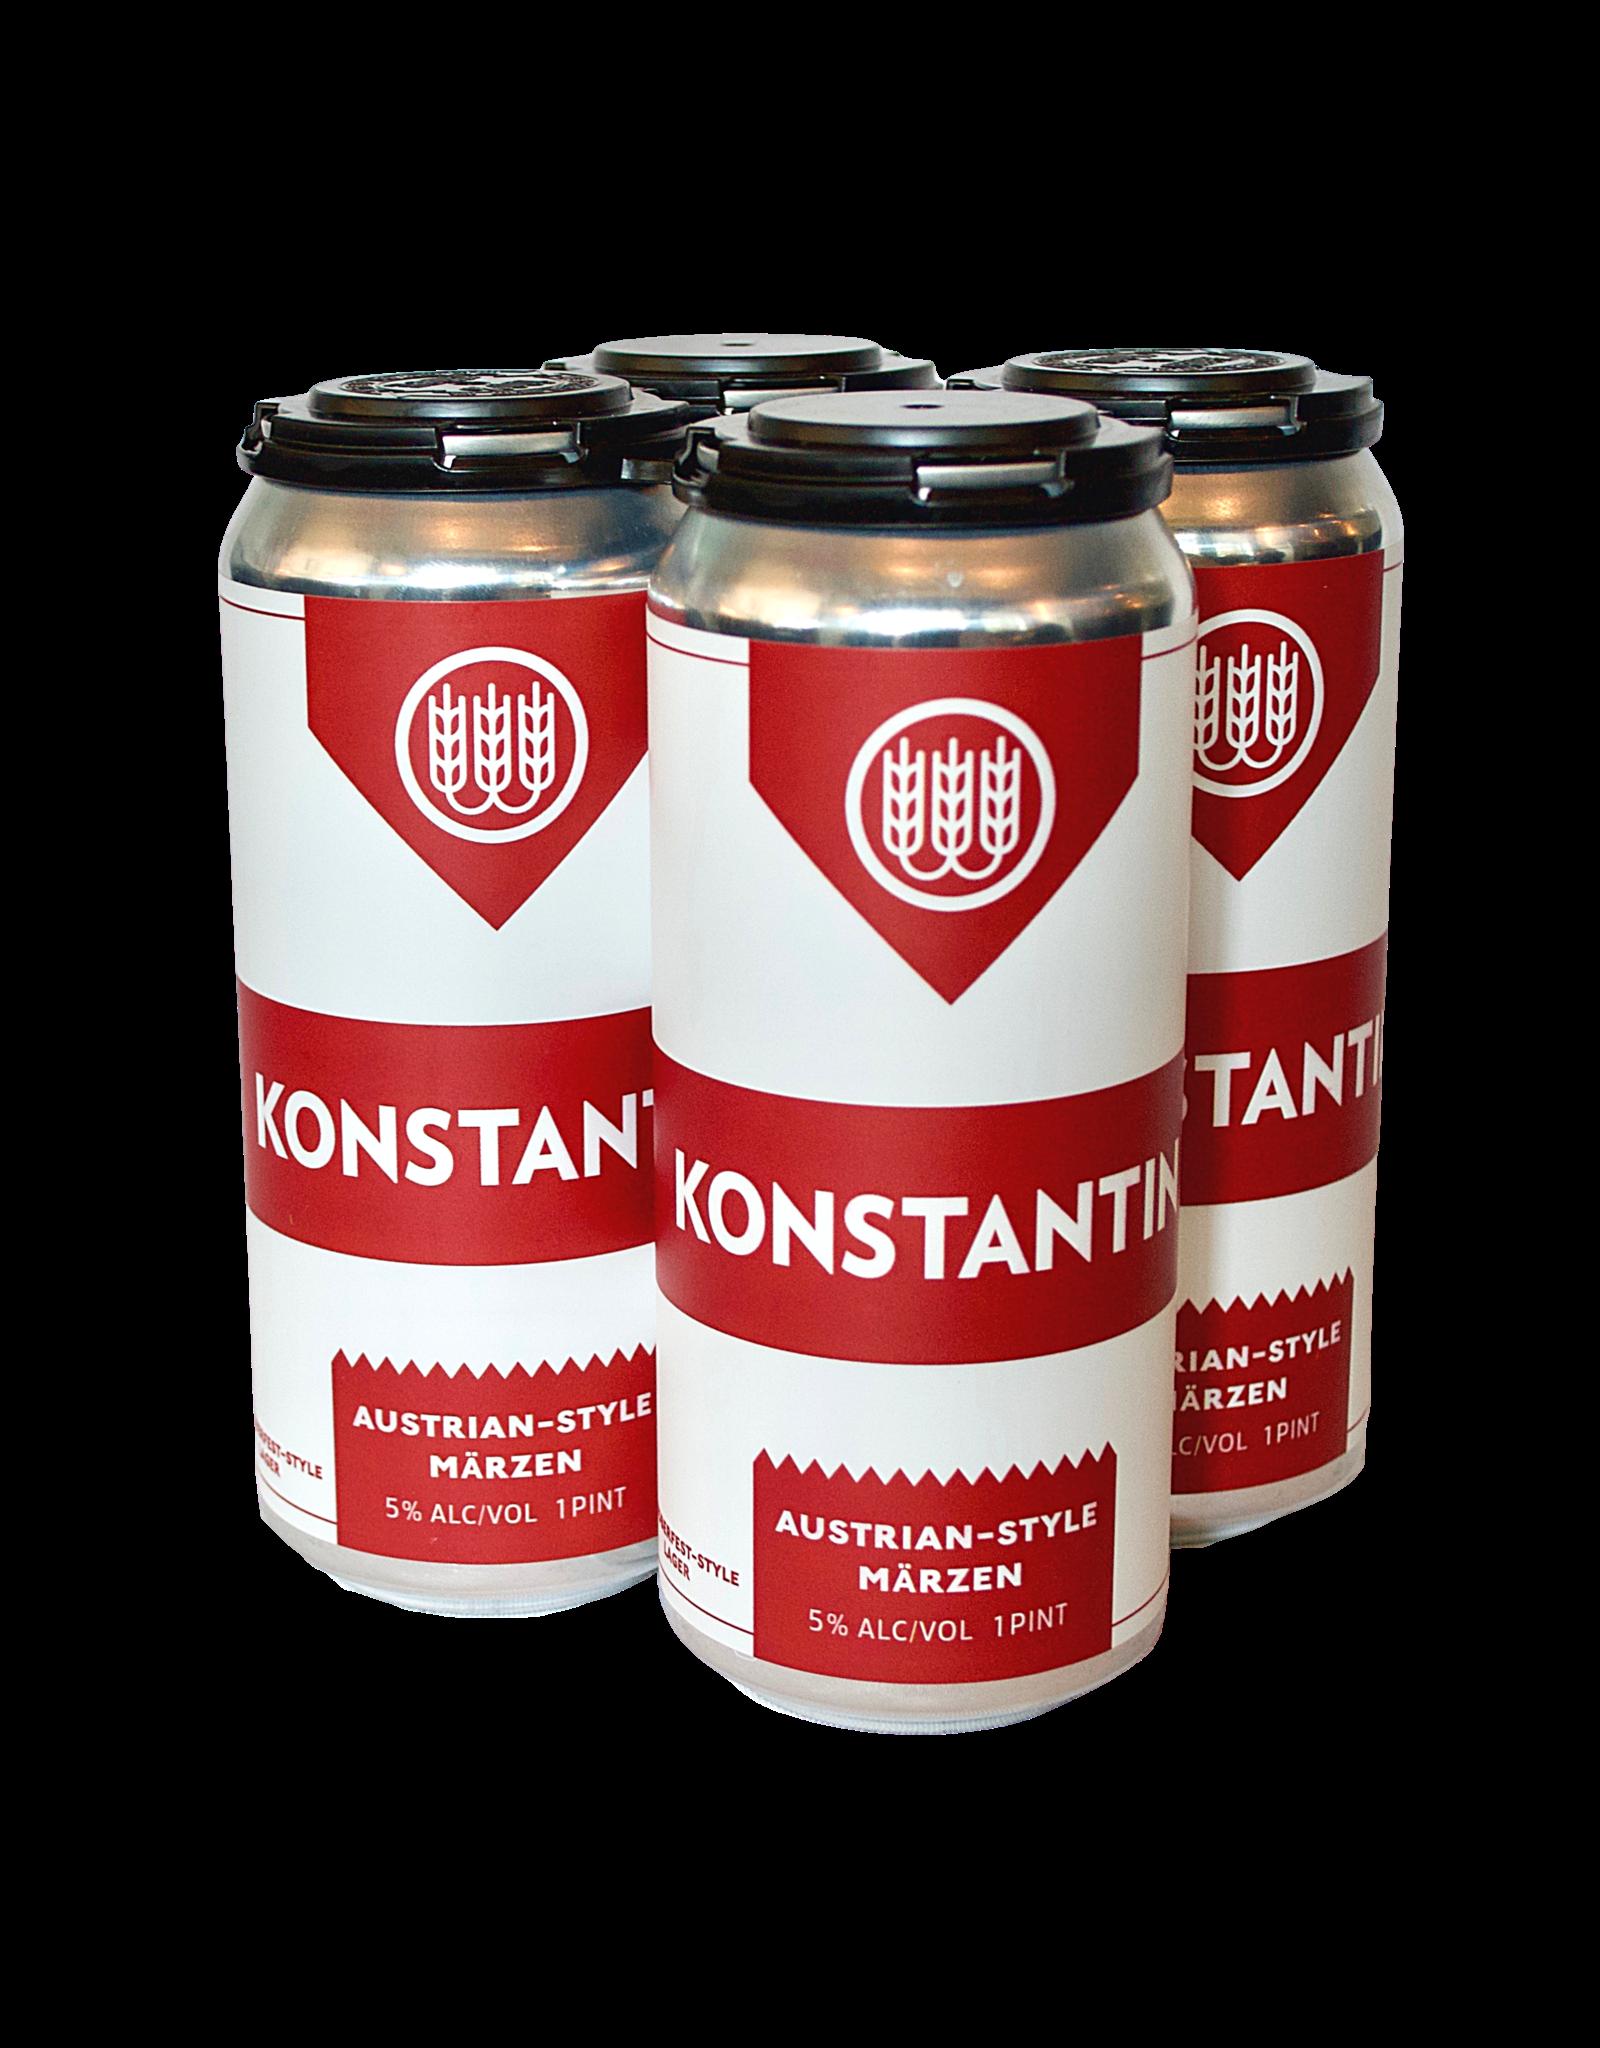 Schilling Beer Co. Konstantin Marzen 4pk 16oz cans